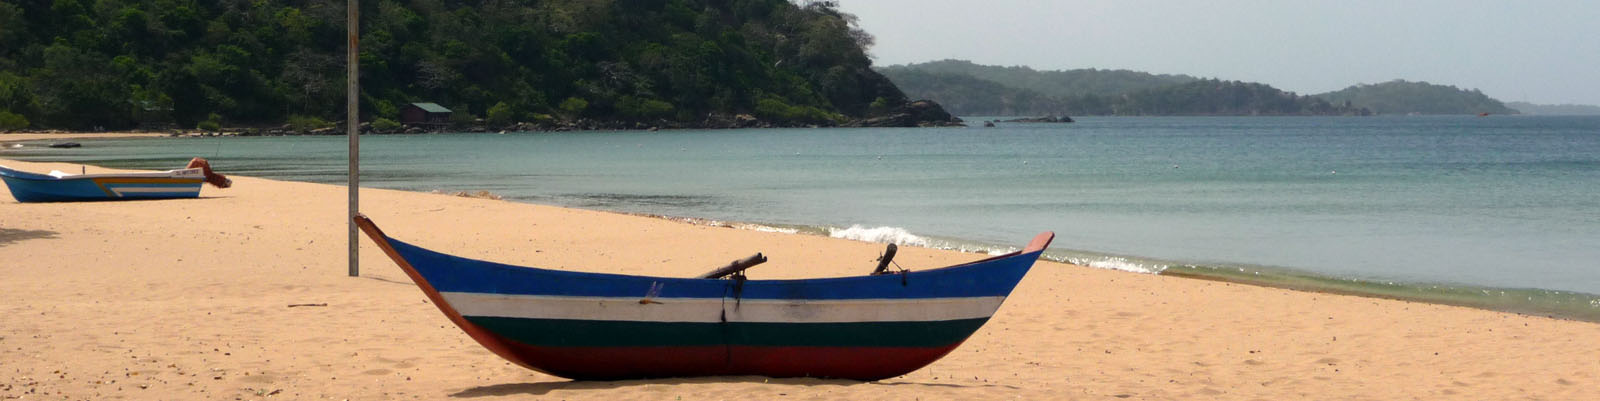 Marble Beach in Trincolamee bei der Rundreise in Sri Lankas Ostküste